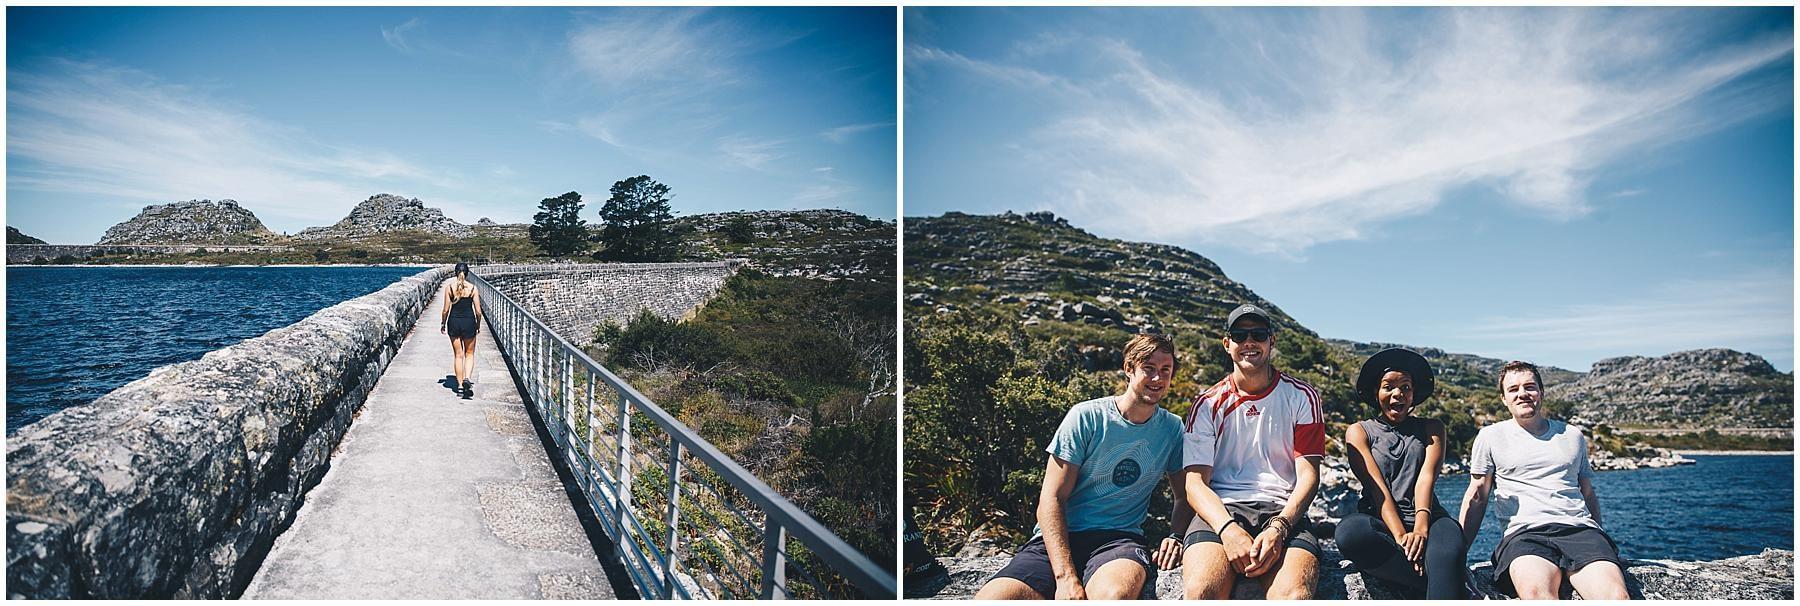 Cape Town_Tunnels_0014.jpg